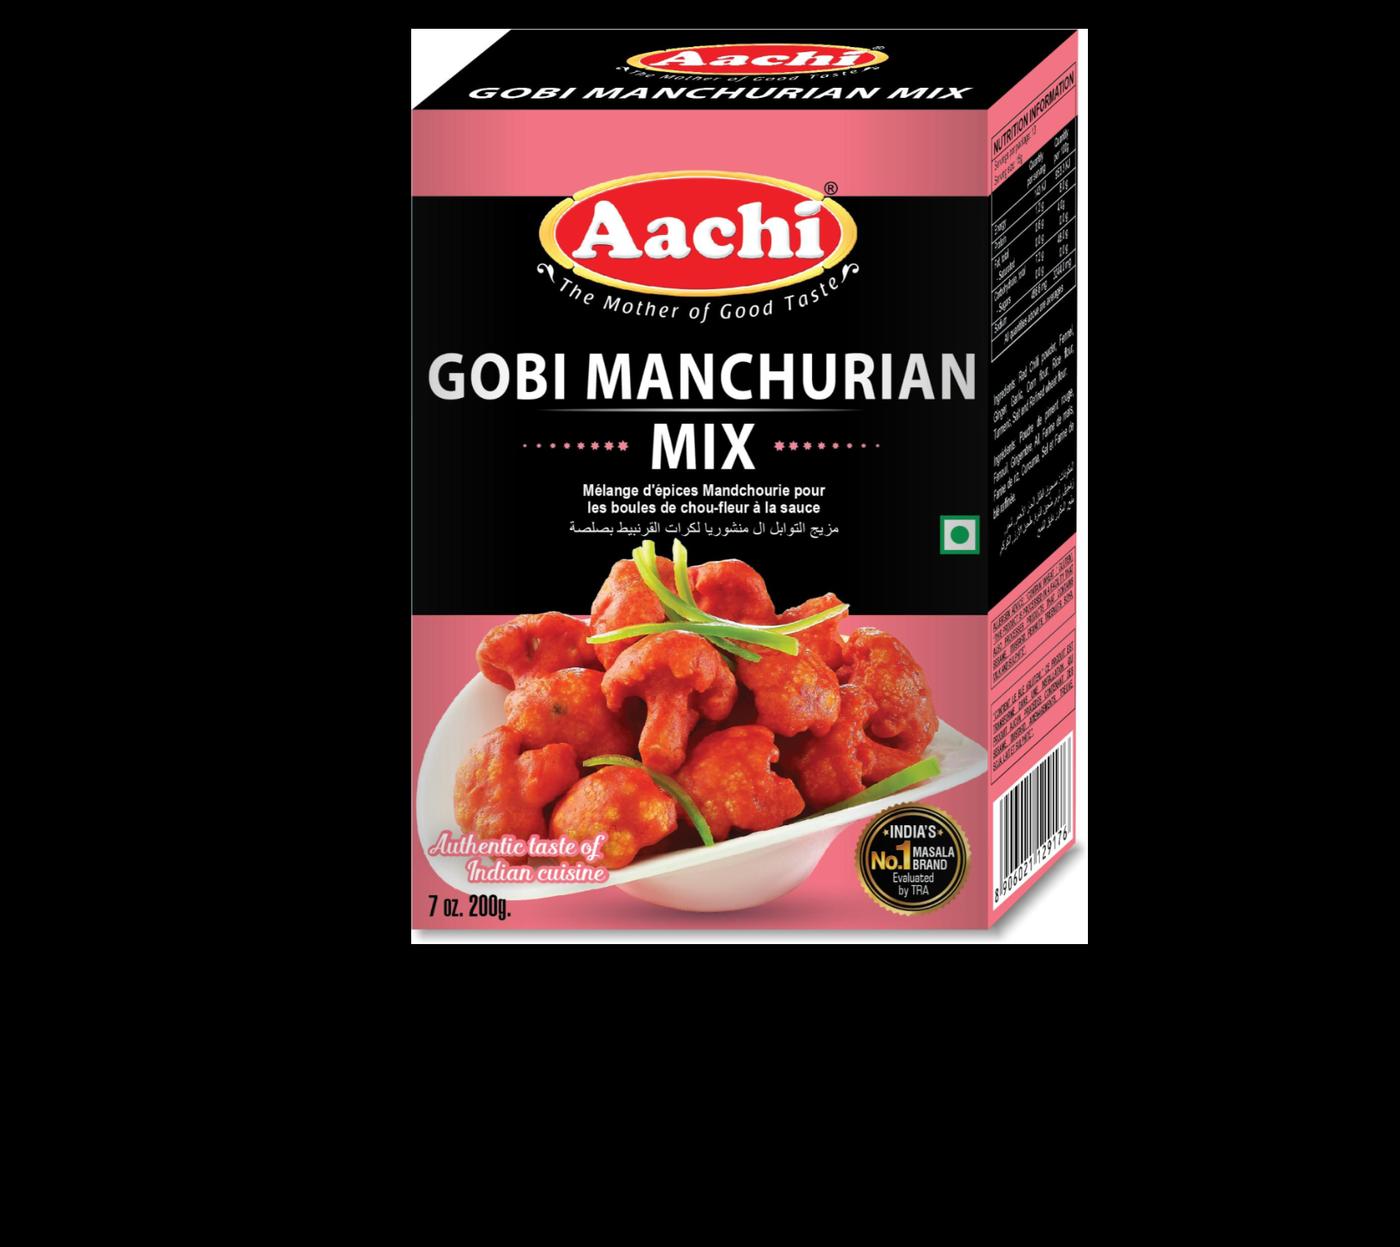 Aachi Gobi Manchurian Mix